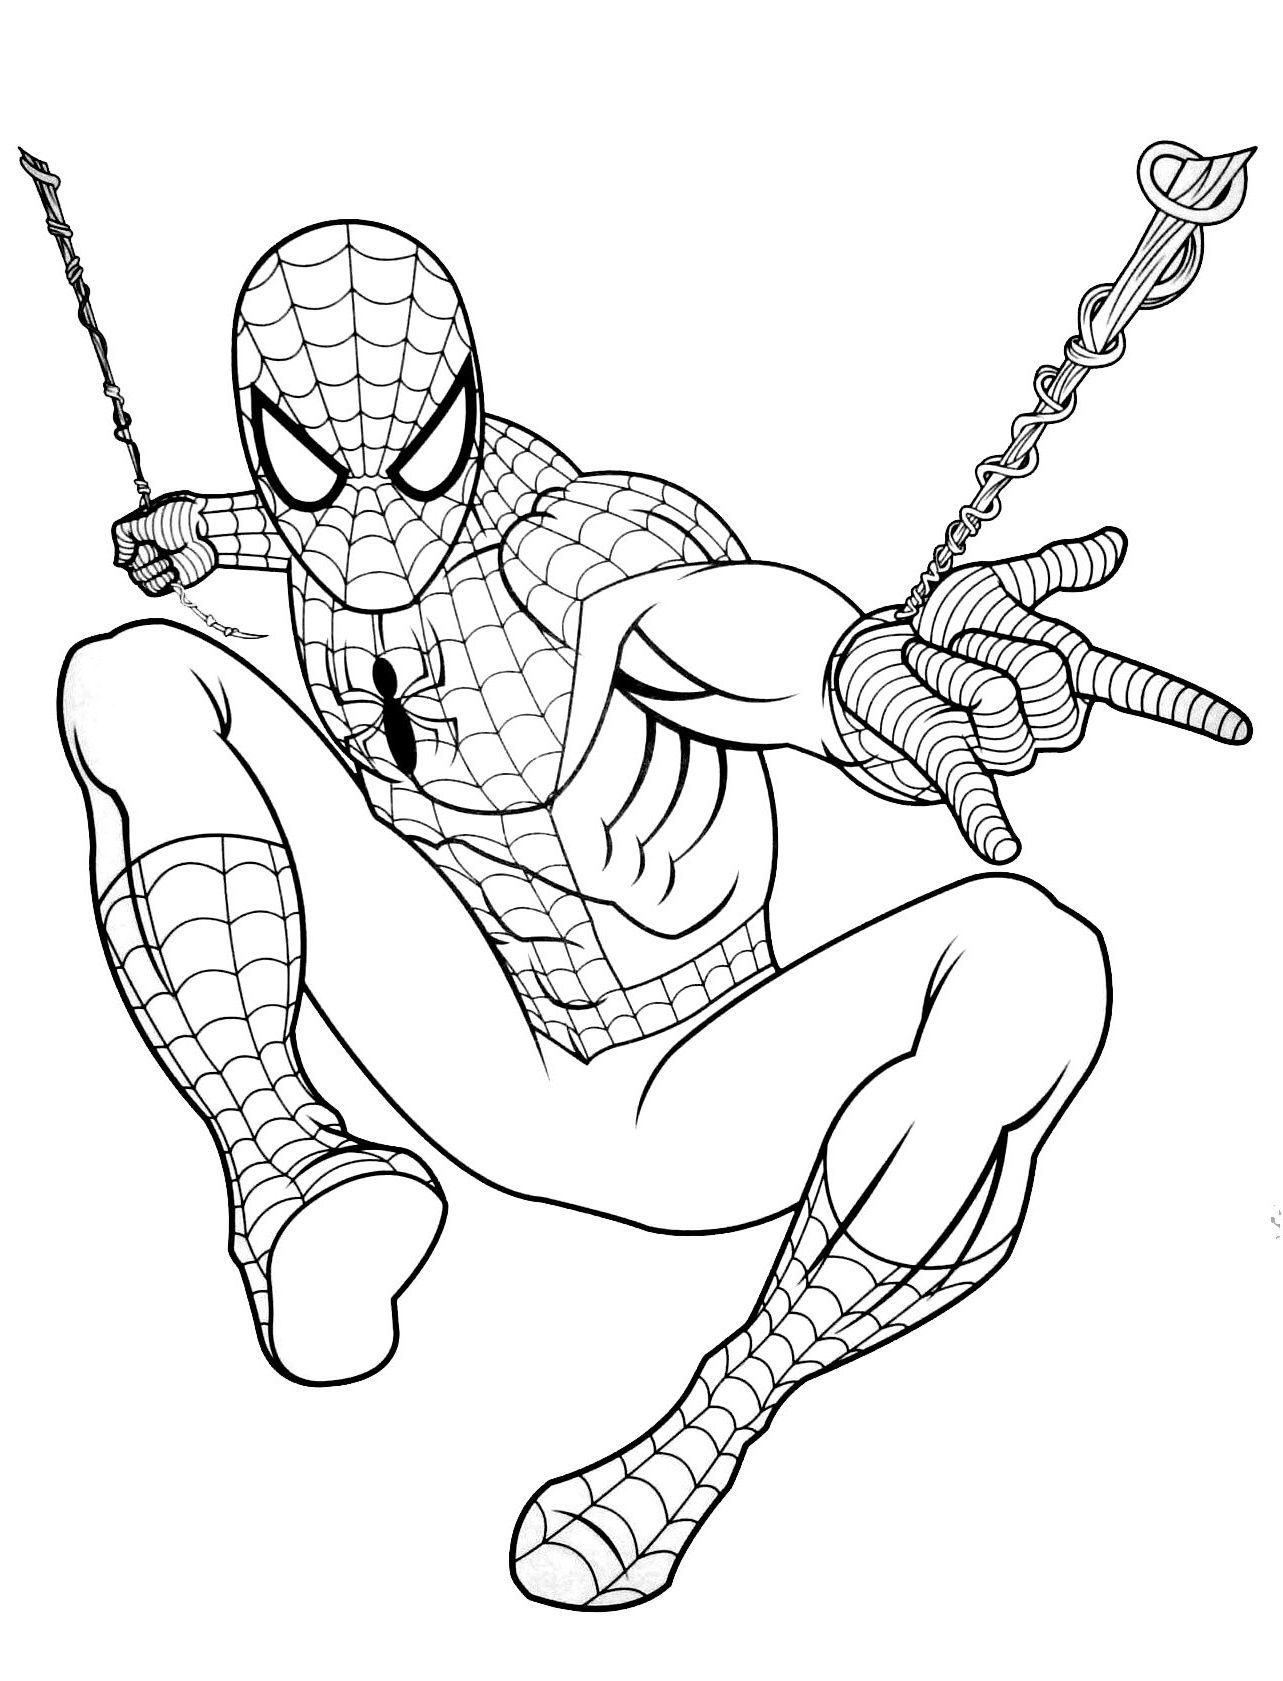 8 Inspirant De Spiderman Coloriage A Imprimer Galerie Easter Coloring Pages Spiderman Coloring Coloring Pages